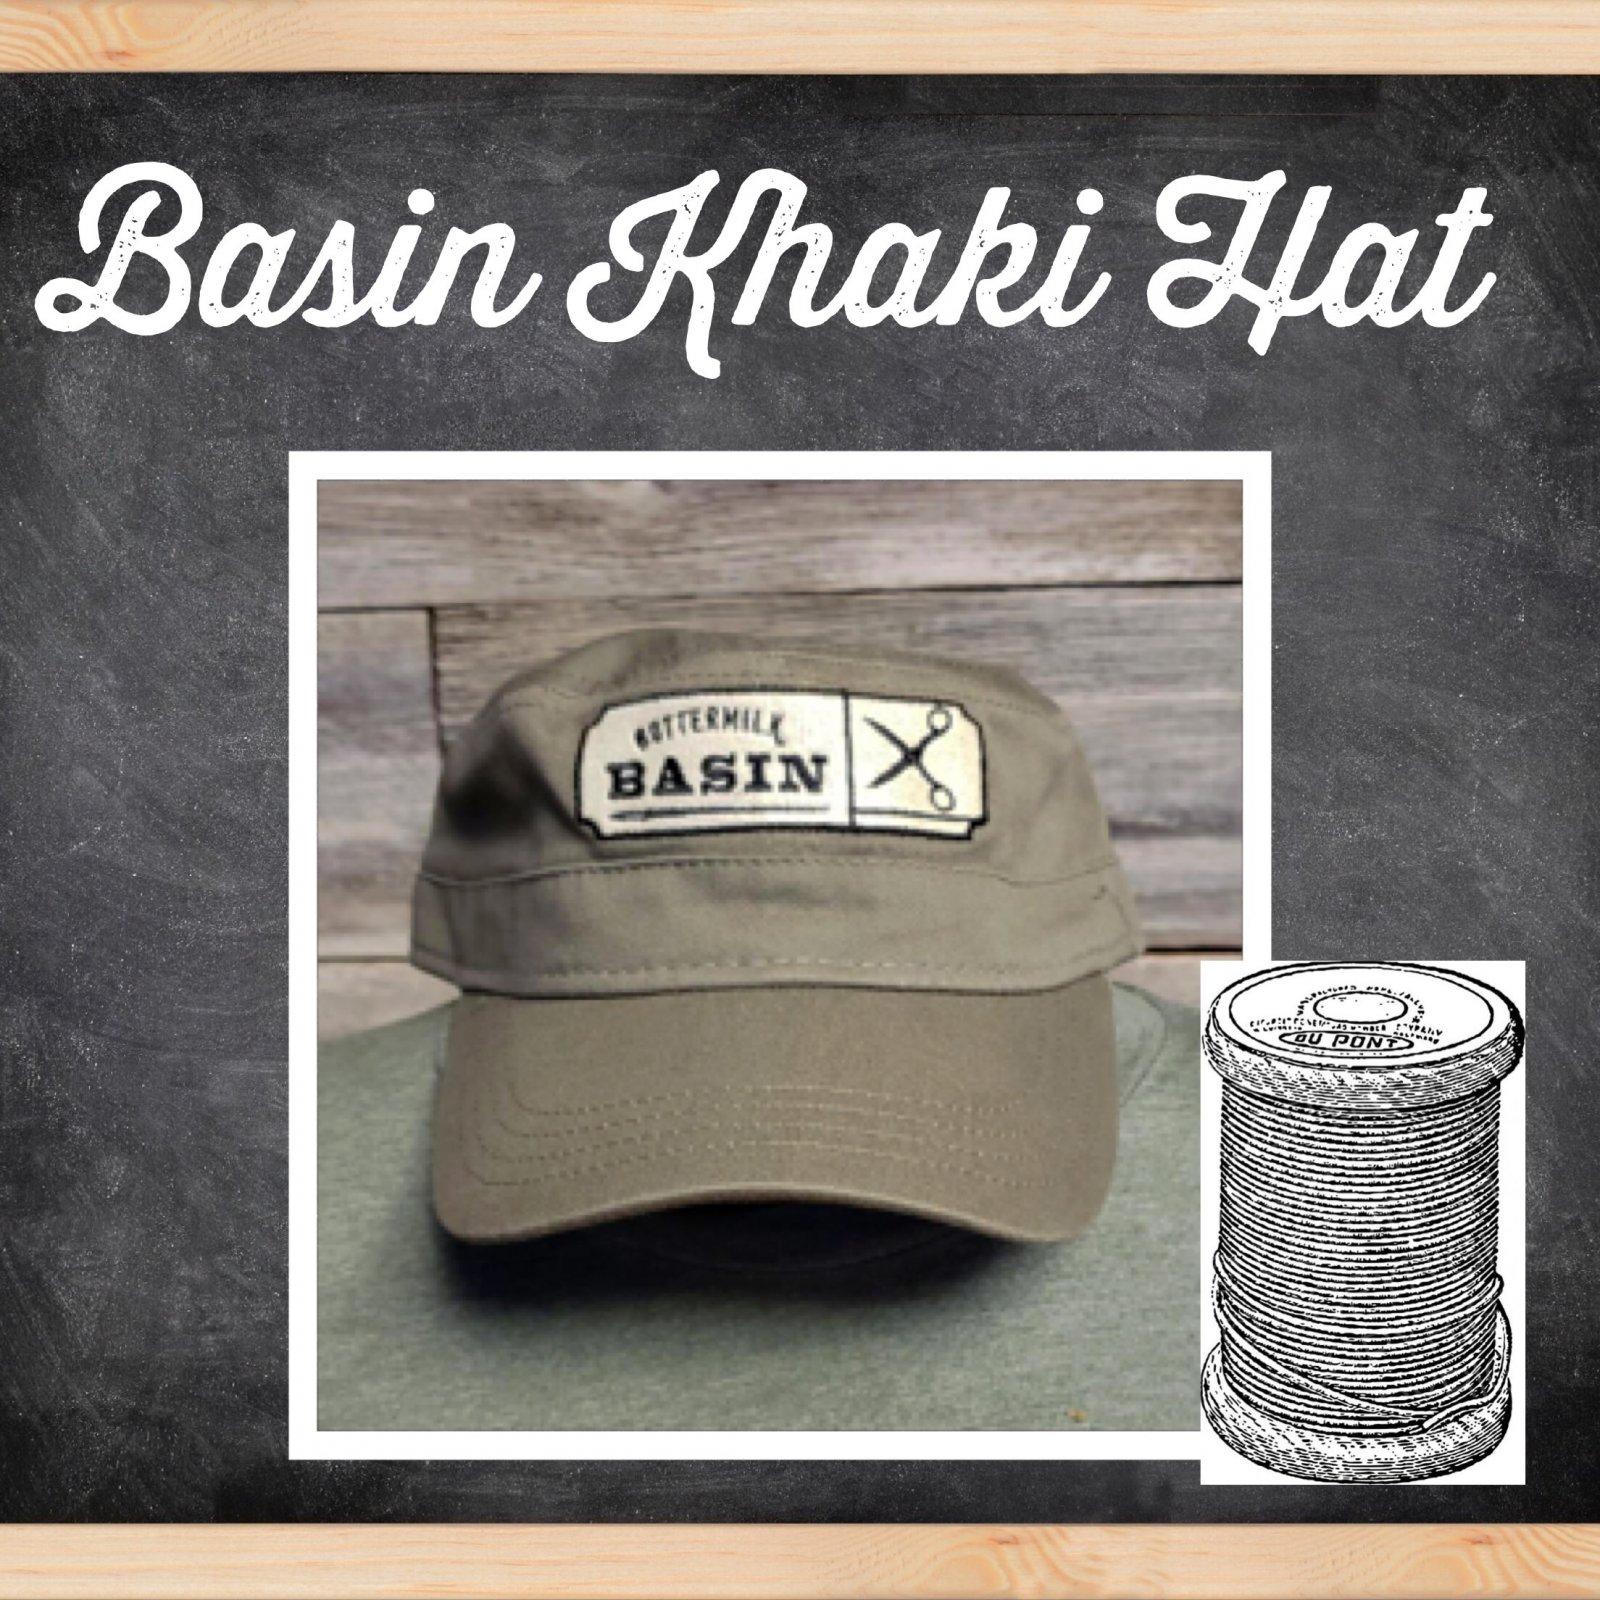 Basin Khaki Hat